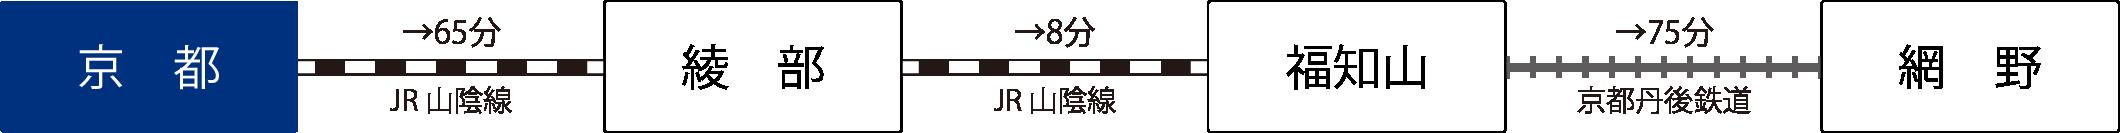 電車 アクセス